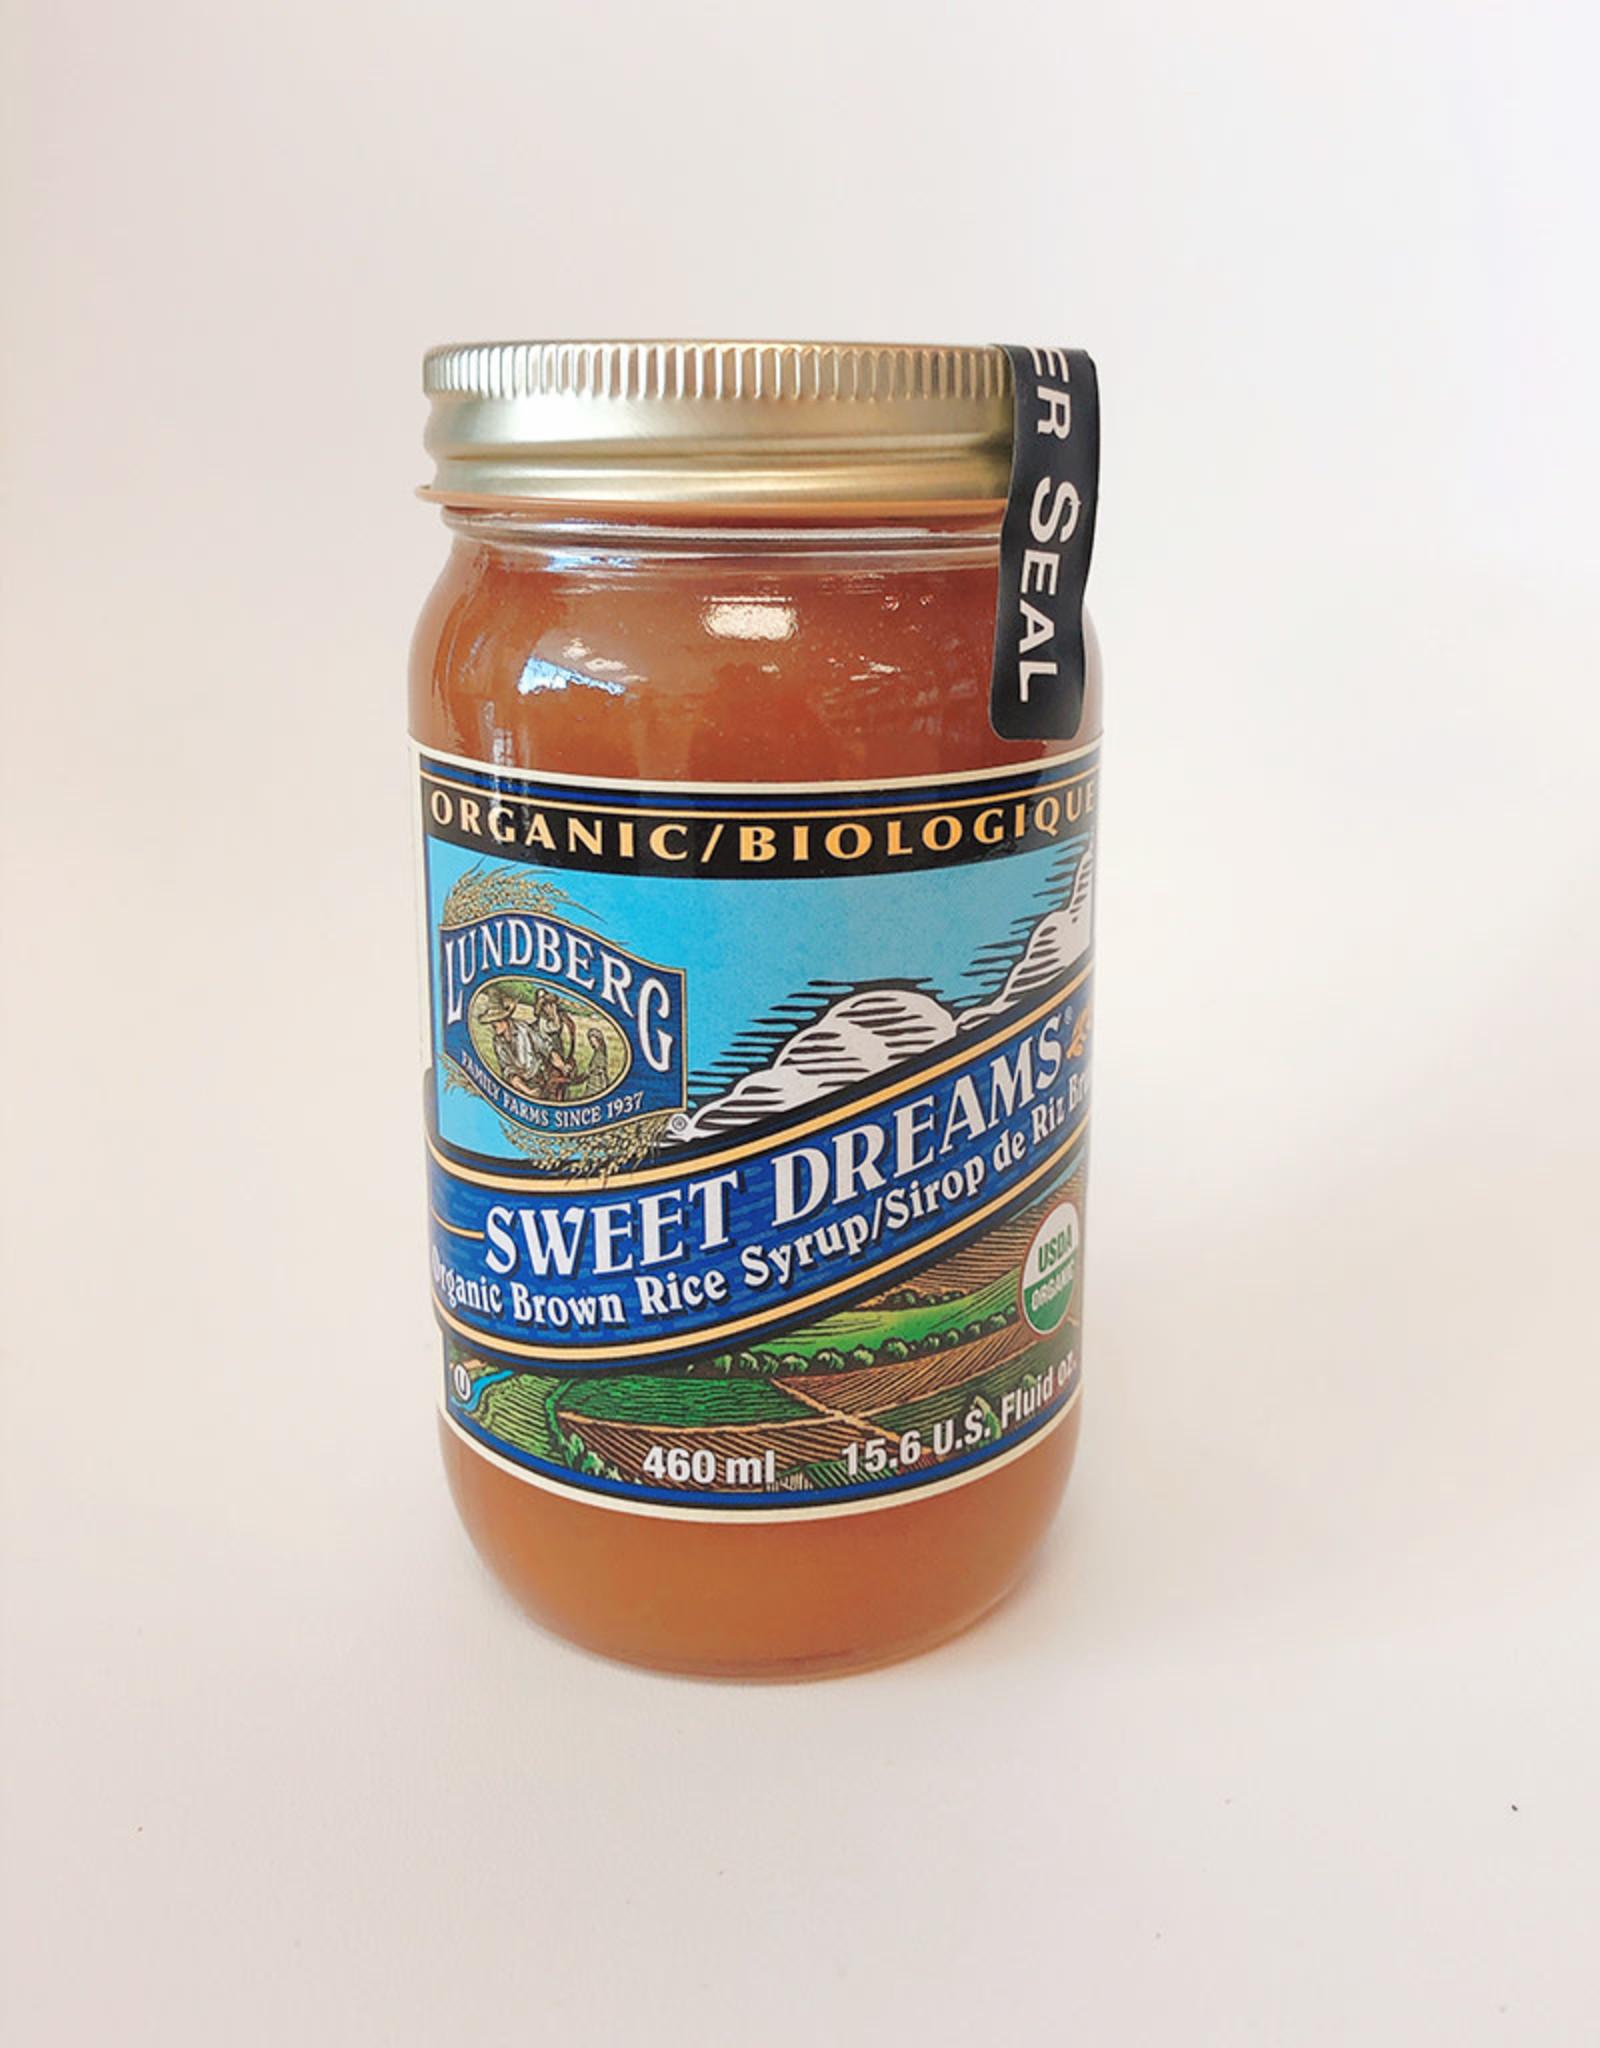 Lundberg Lundberg - Sweet Dreams, Brown Rice Syrup (460ml)